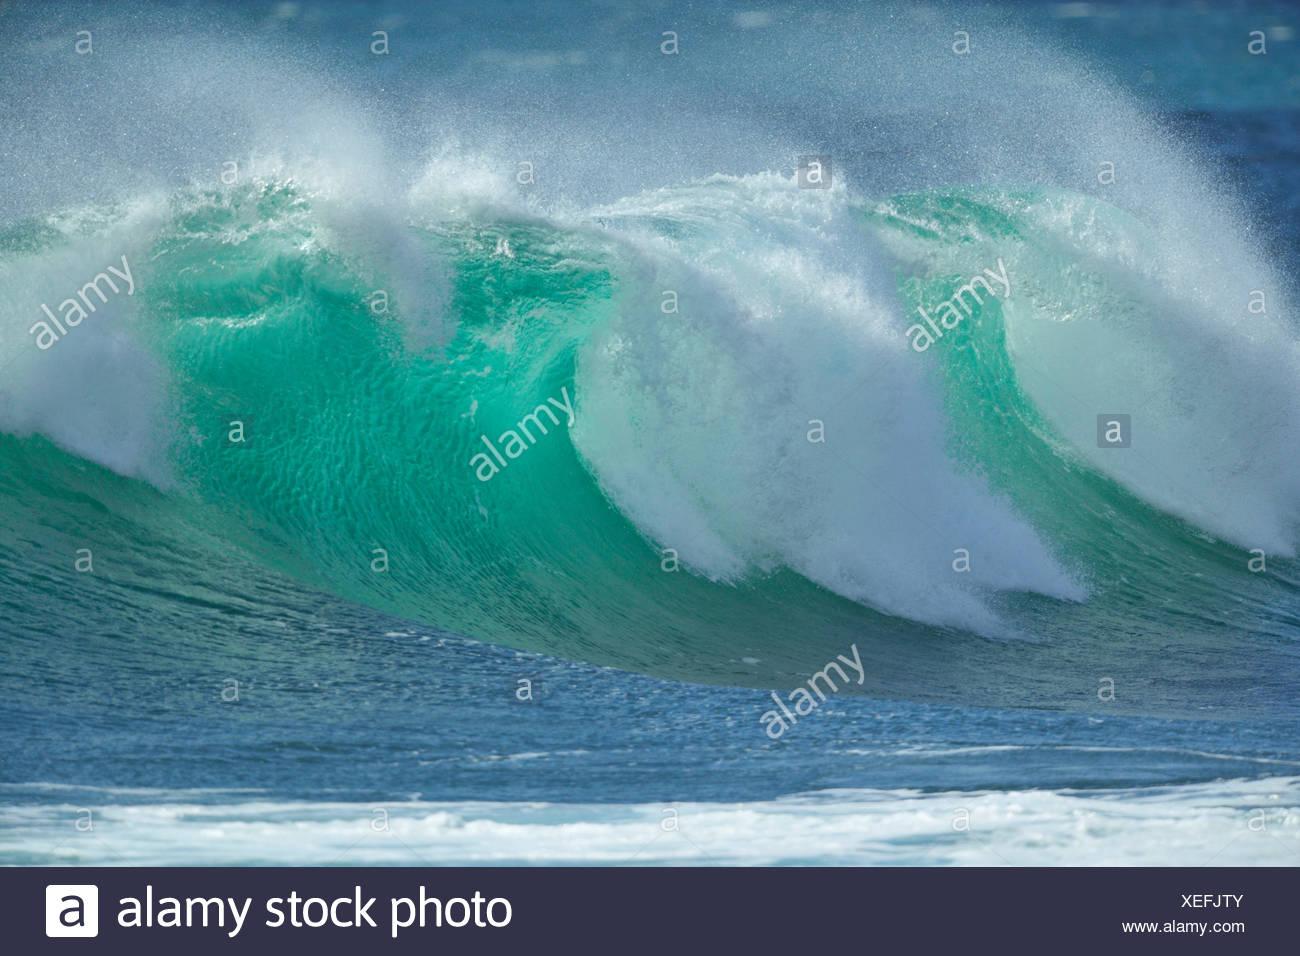 Breaking Wave, Atlantic Ocean, Portugal - Stock Image